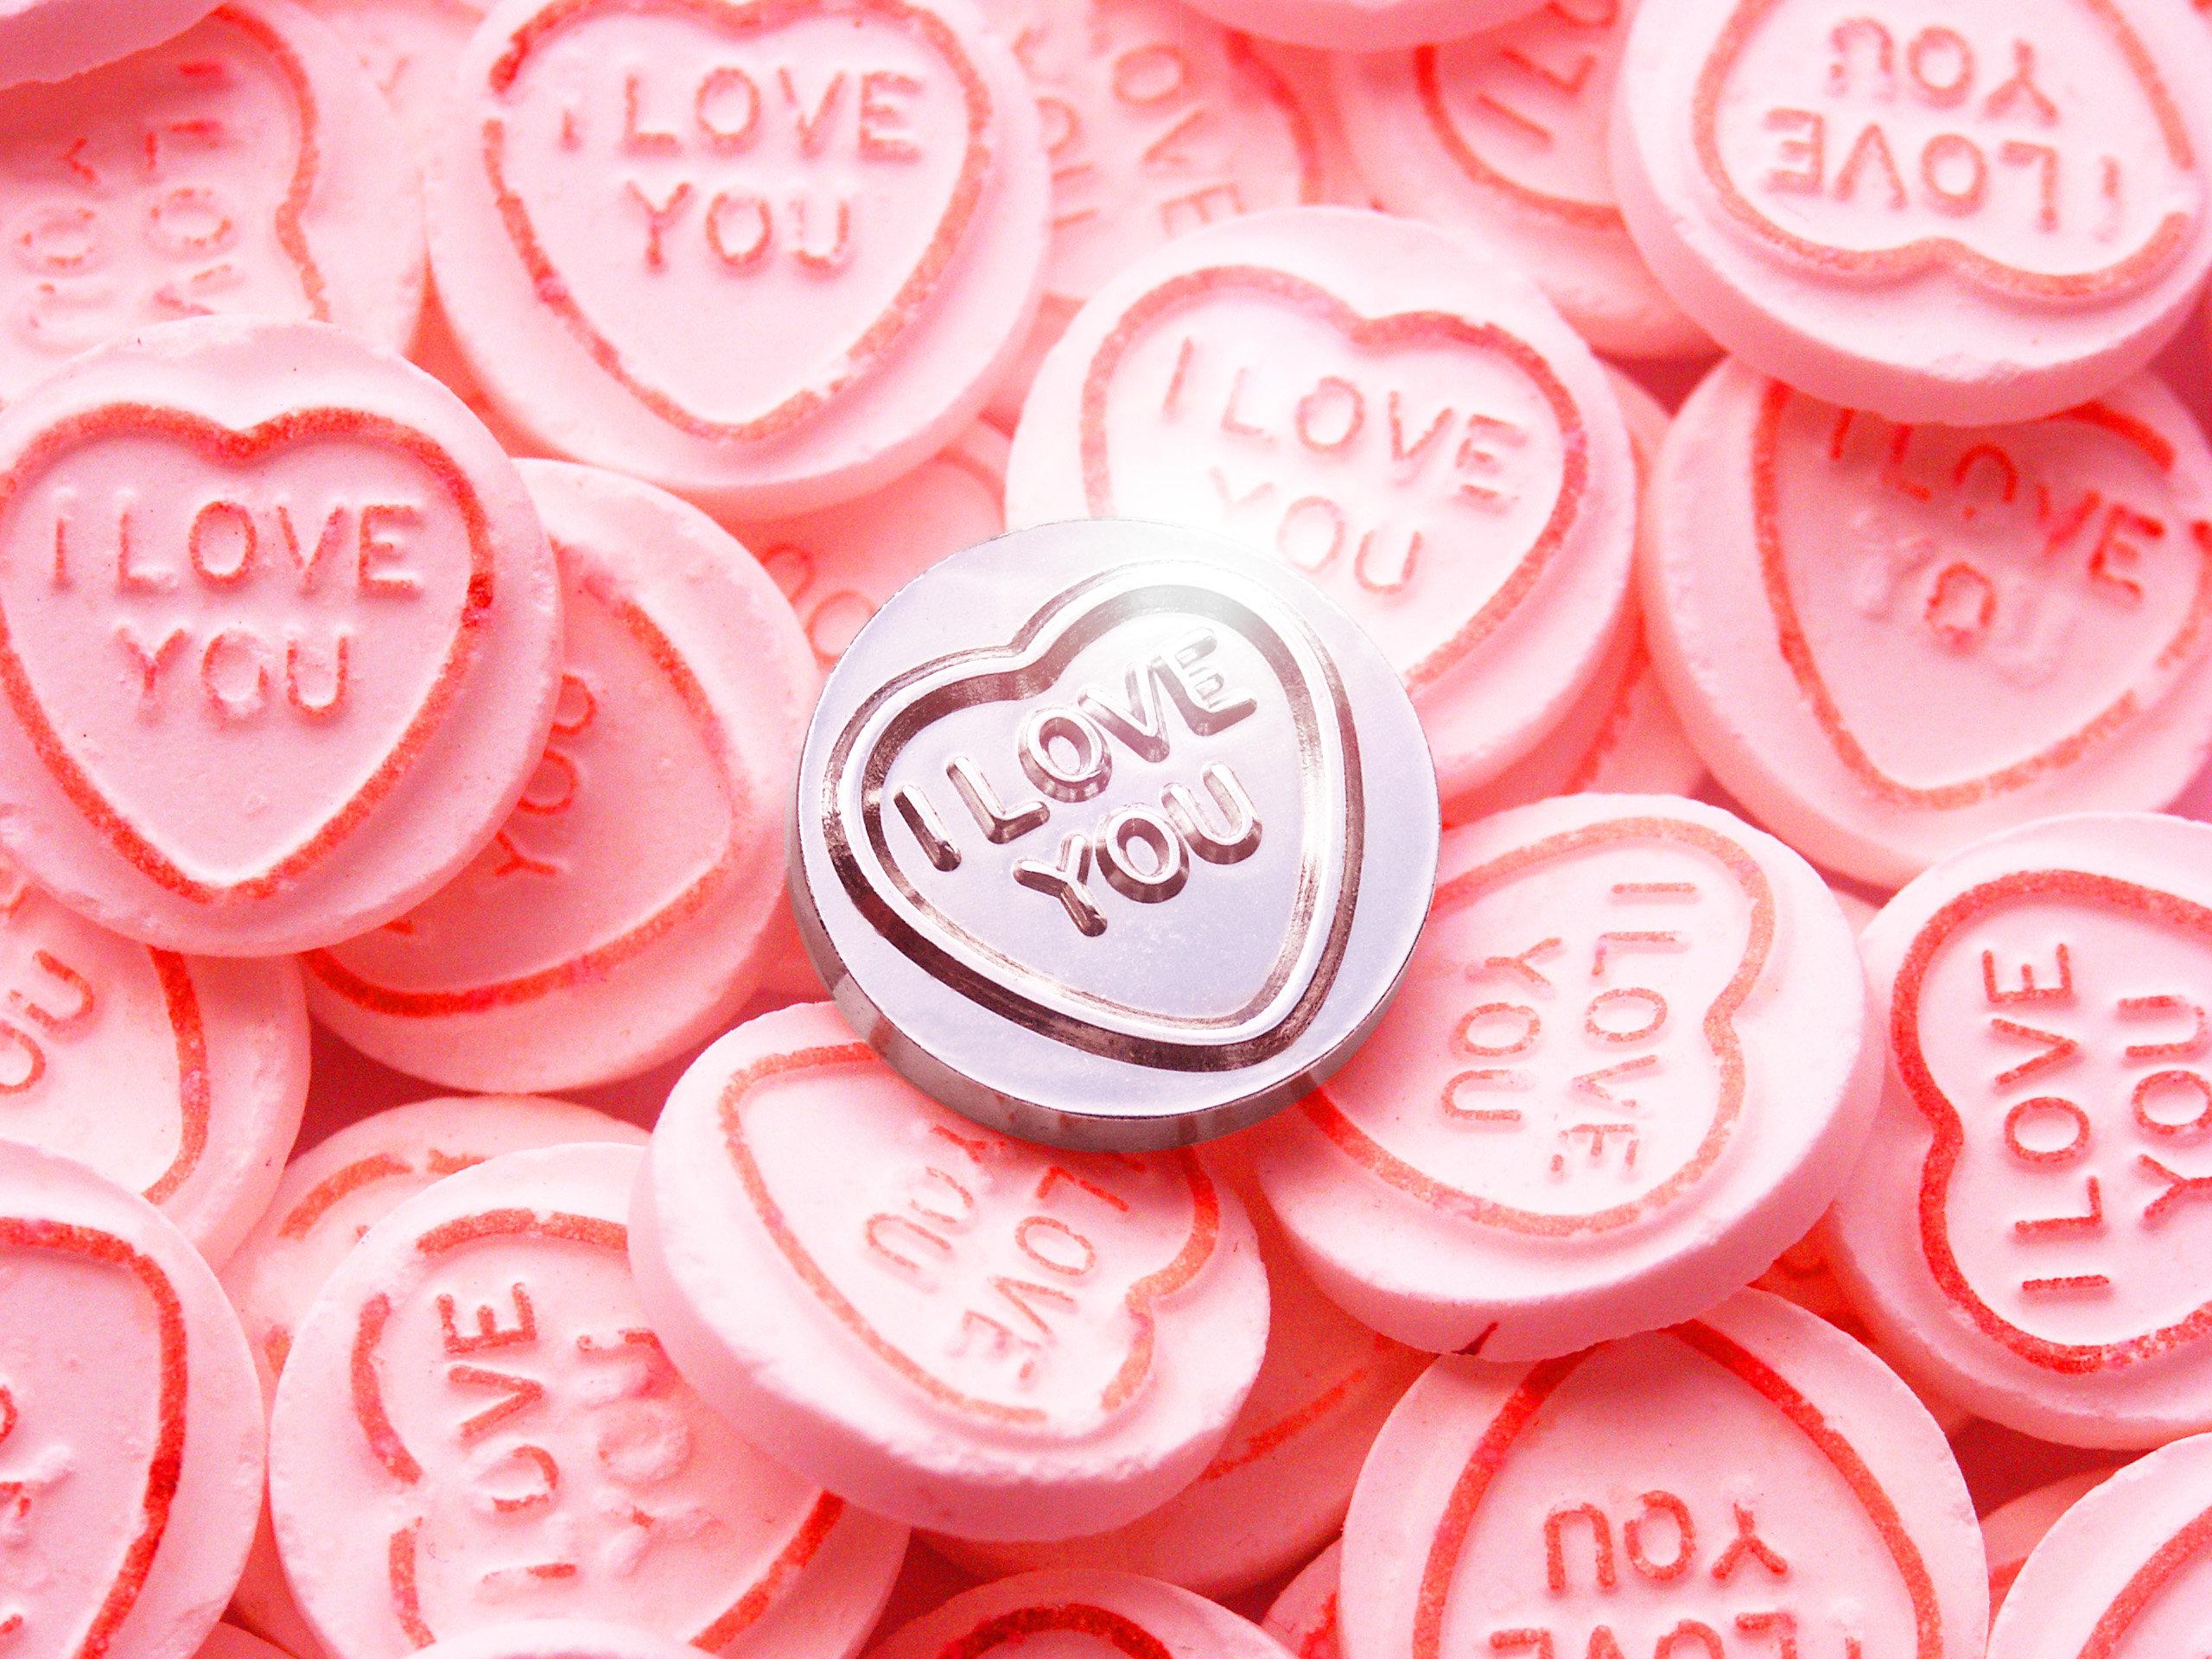 Silver Love Hearts Content Gallery Silver Replica Of The Classic